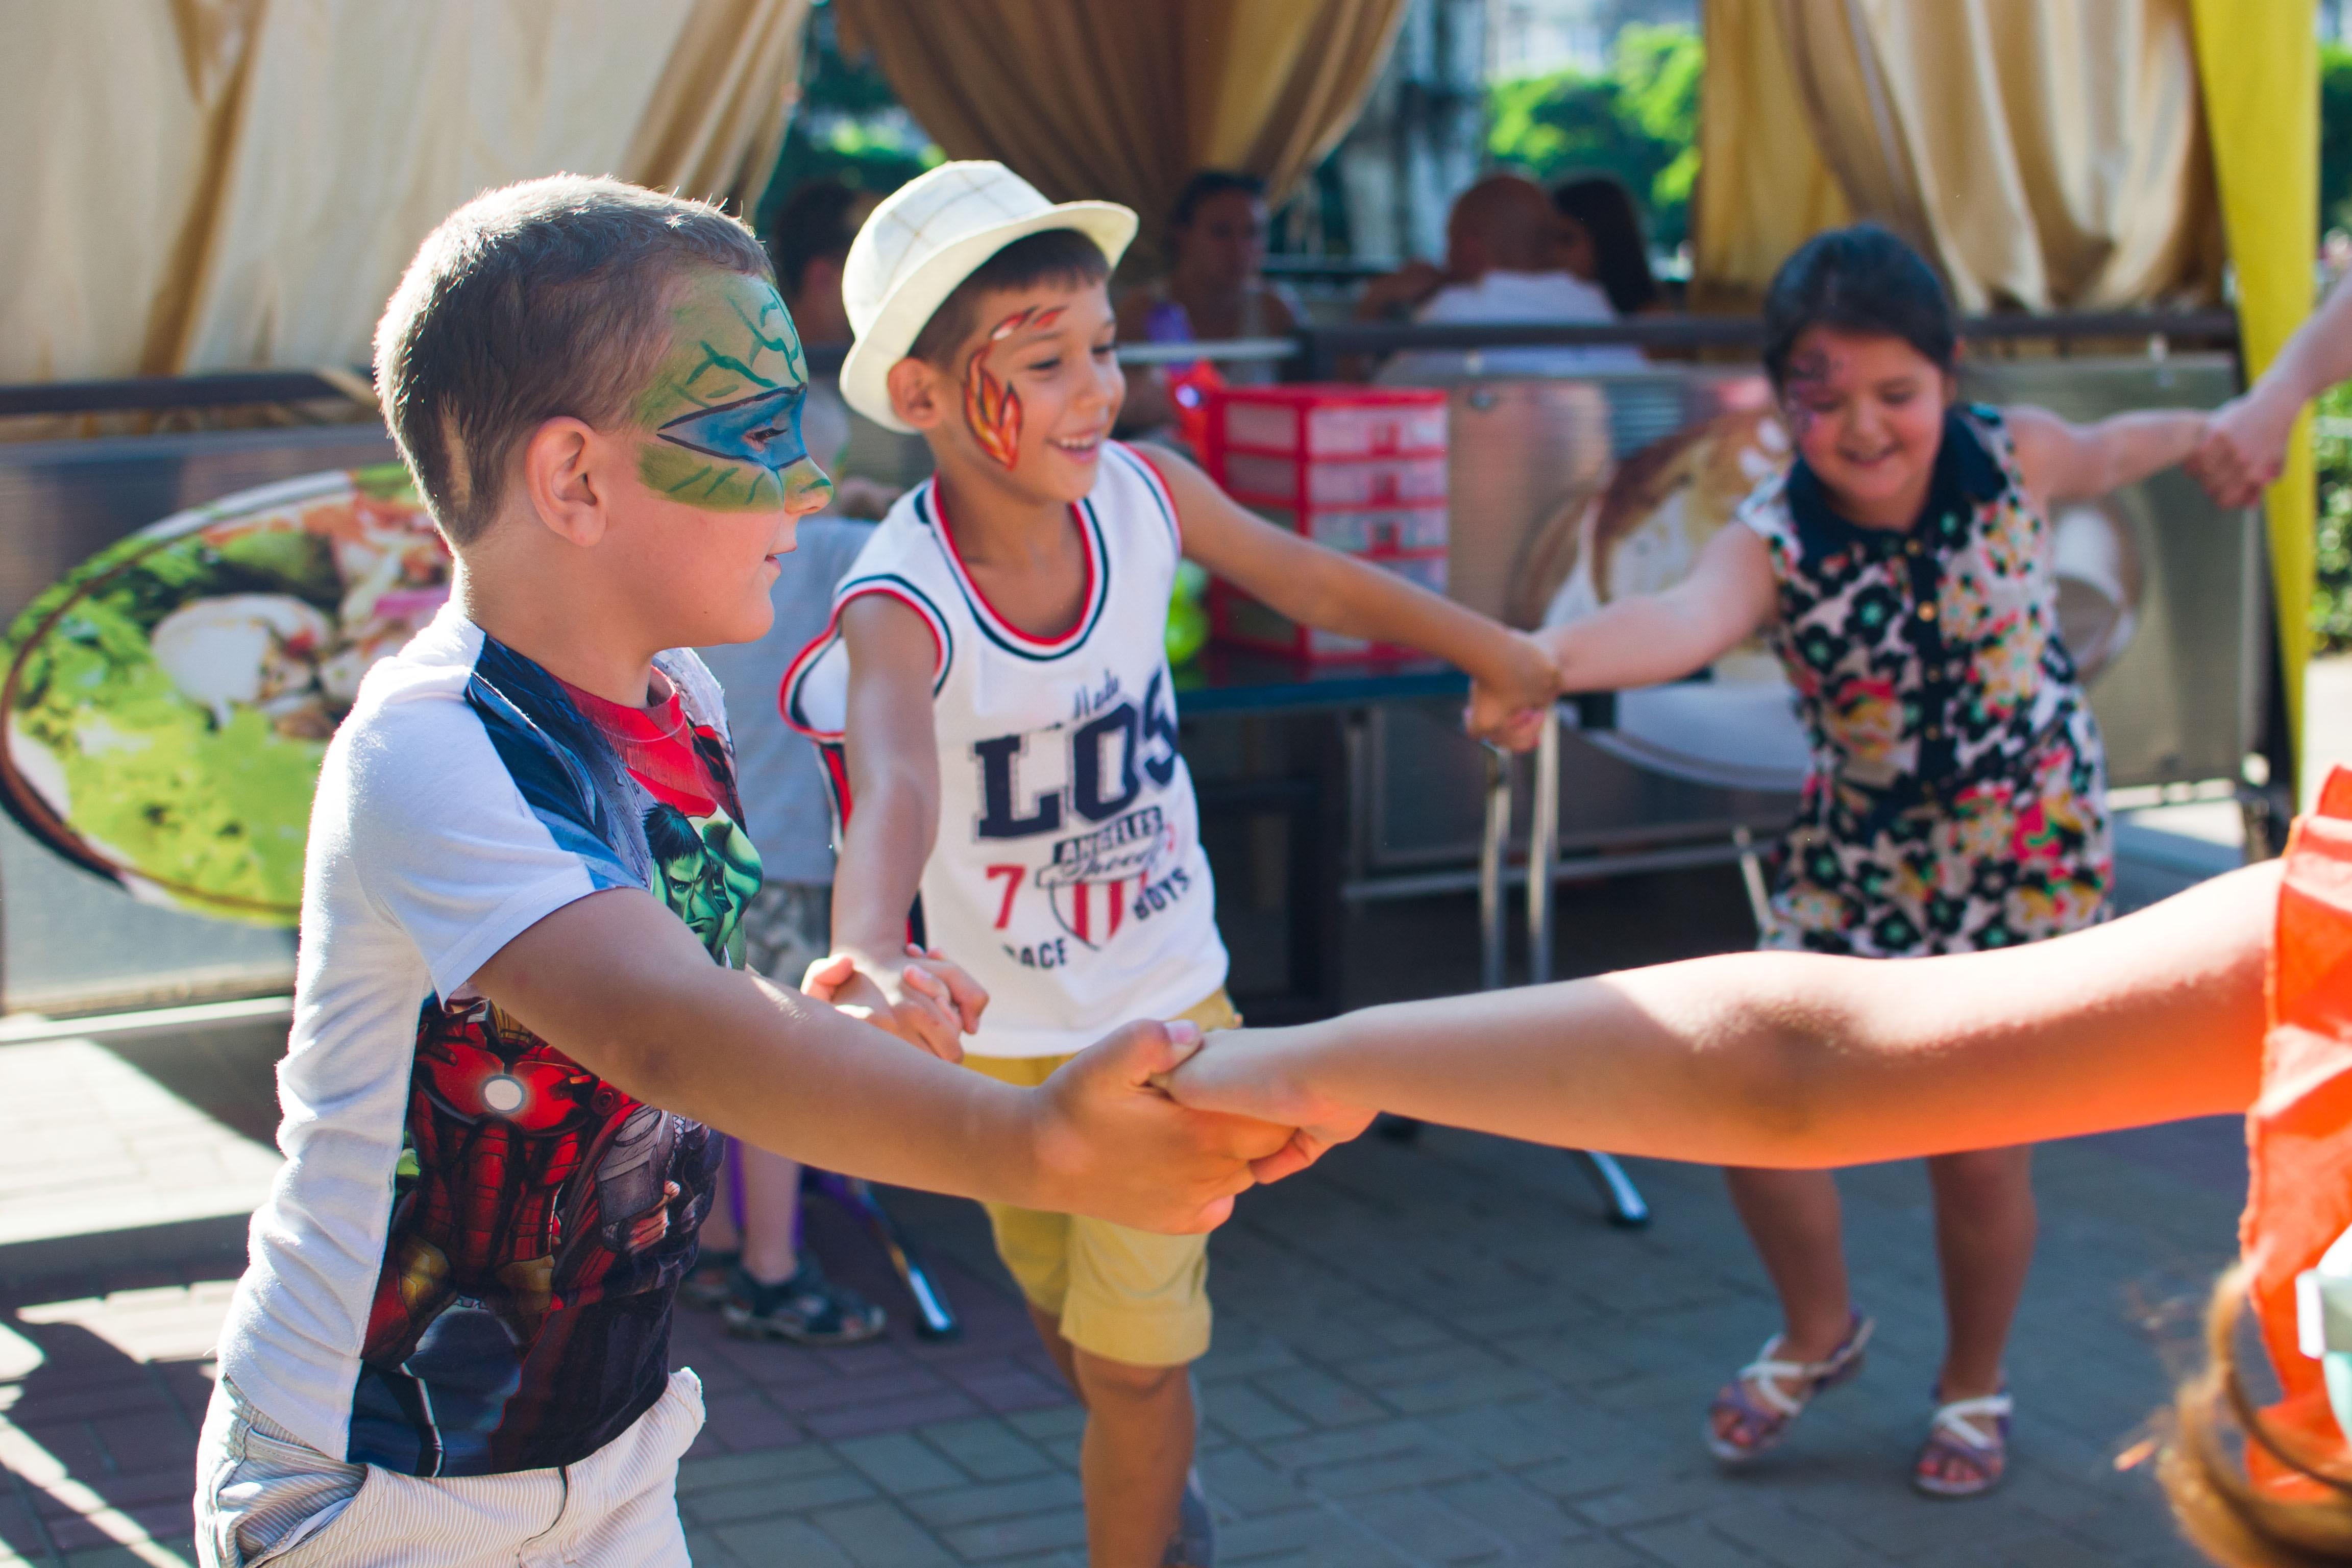 Campamento de verano 2018 semana tradición y cultura